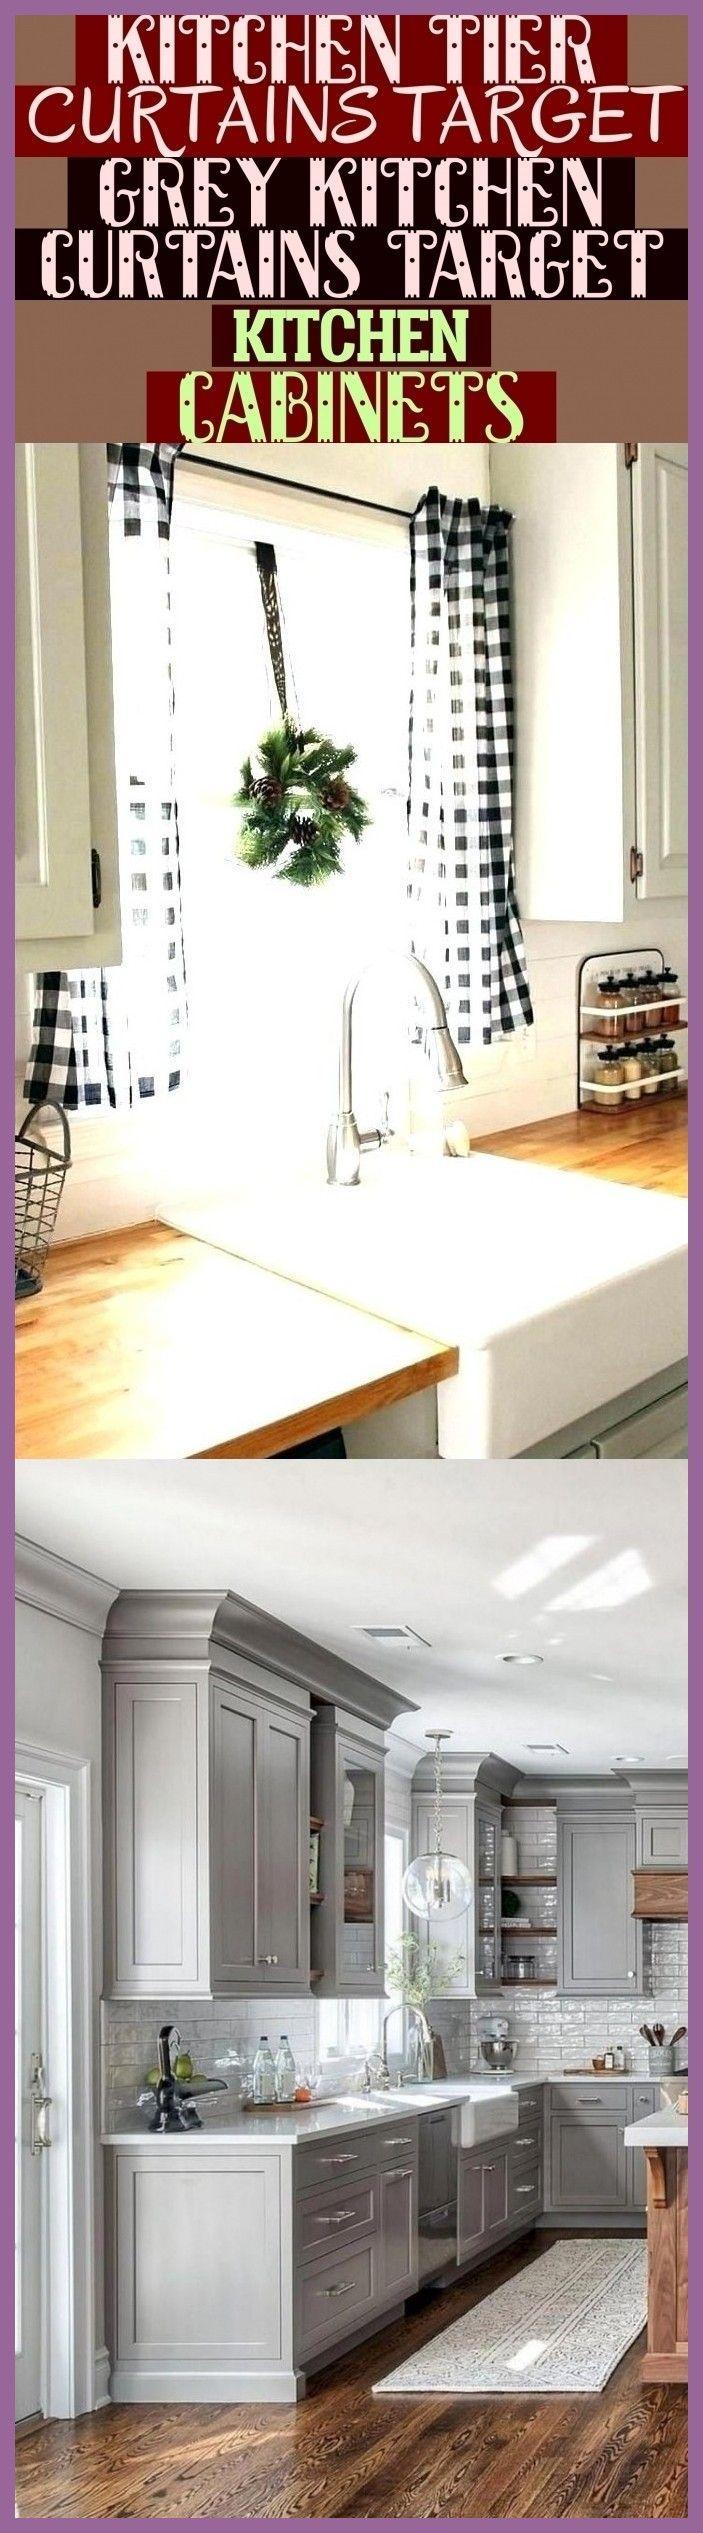 Kitchen Tier Curtains Target Grey Kitchen Curtains Target Kitchen Cabinets Fa Cabinets Curtains In 2020 Cottage Kitchen Cabinets Grey Kitchen Kitchen Curtains